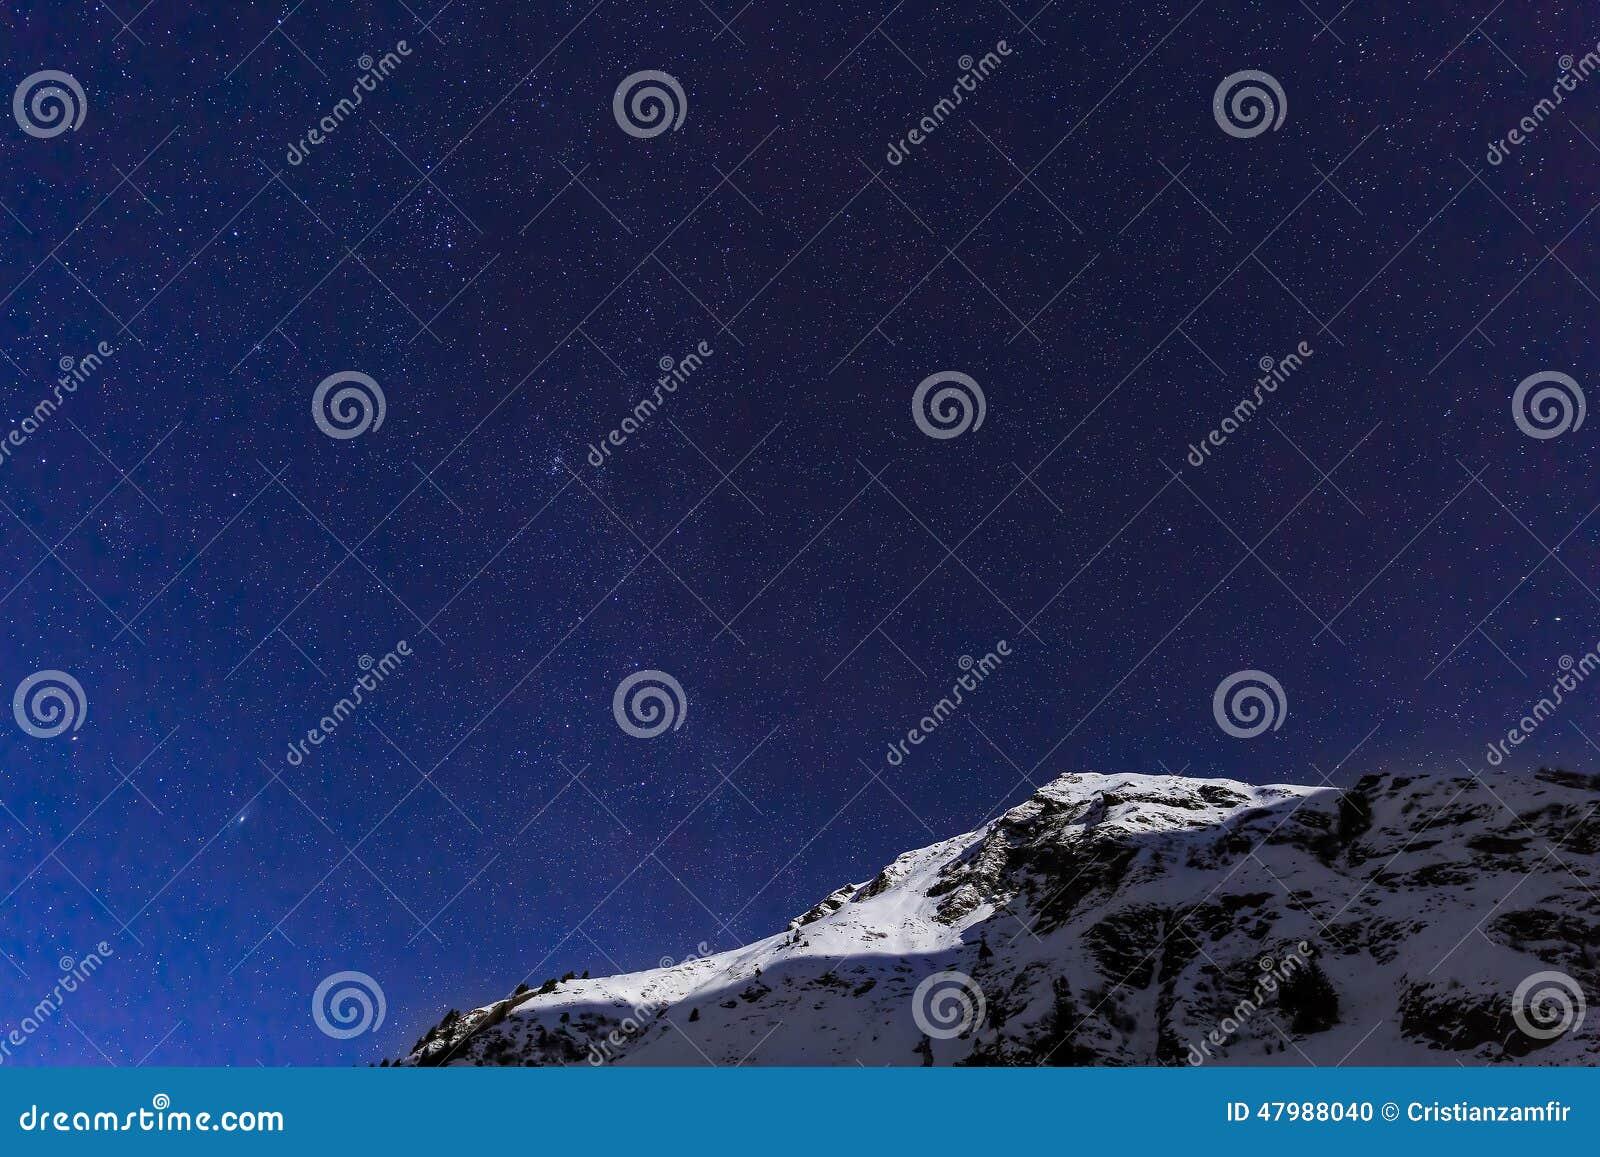 Landskap med berg och blå himmel i vinternatt